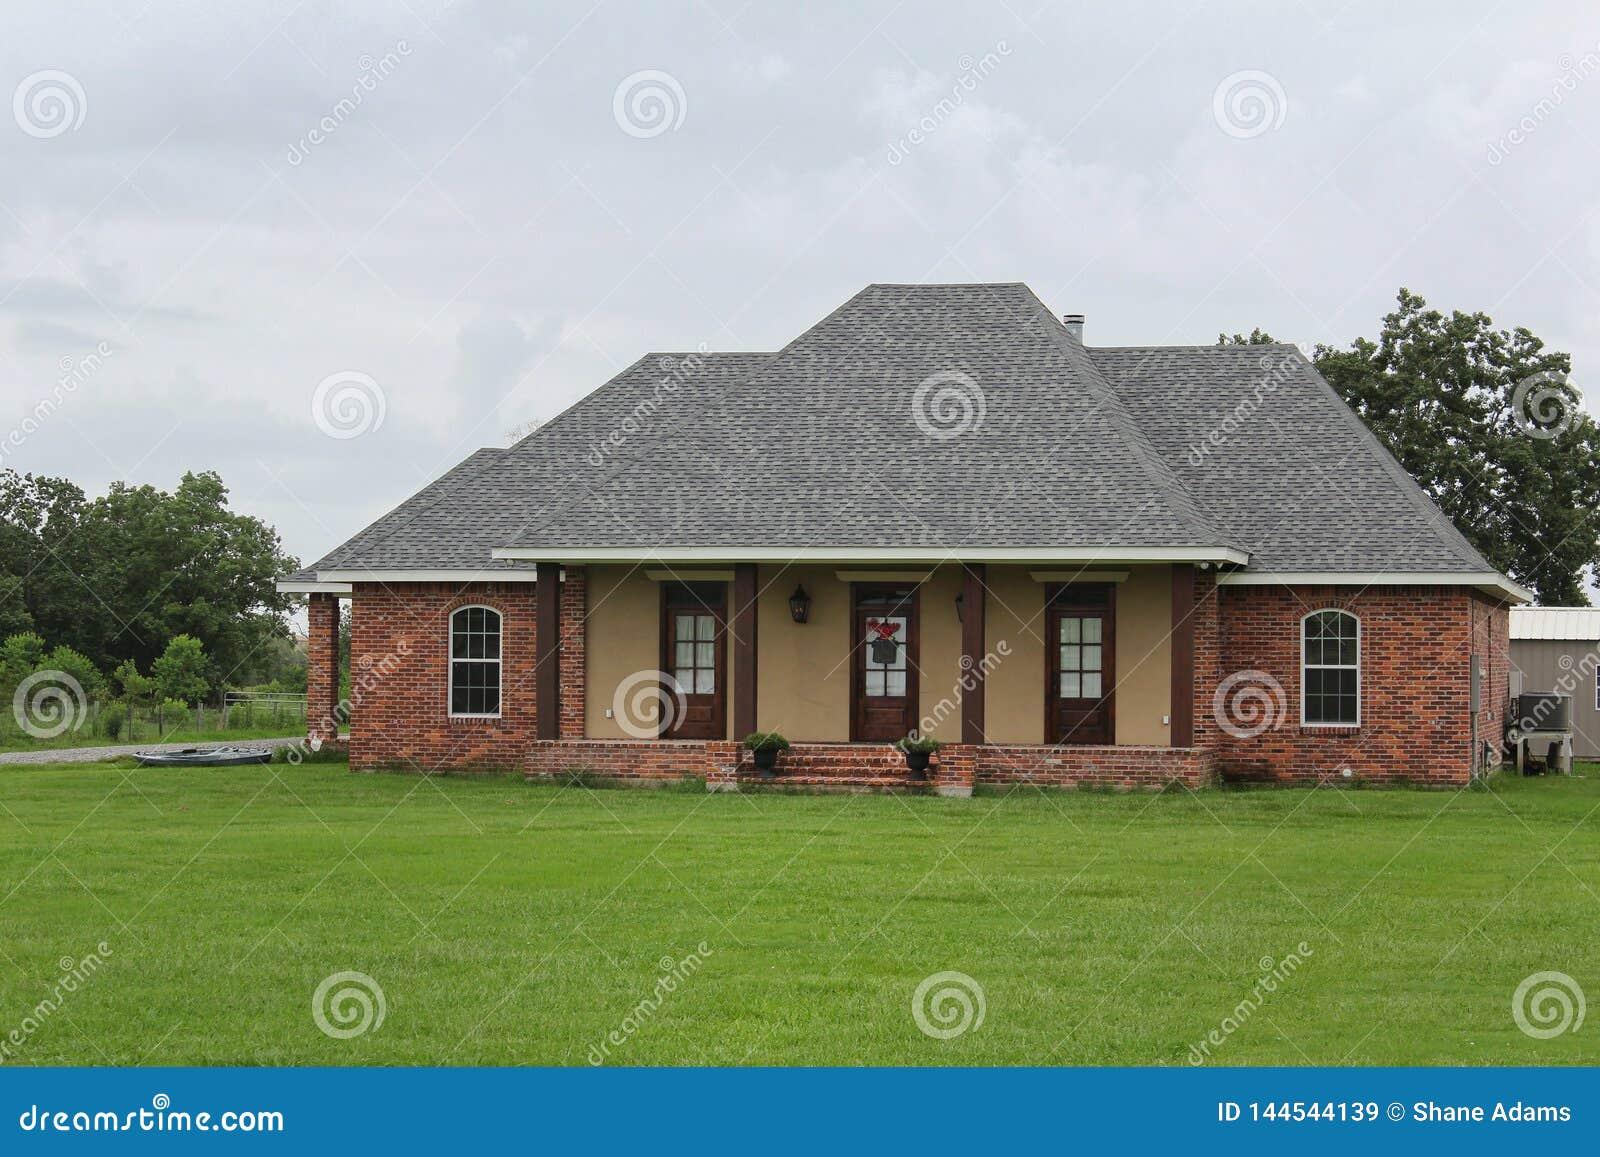 Chambre Moderne De La Louisiane Image stock - Image du ...